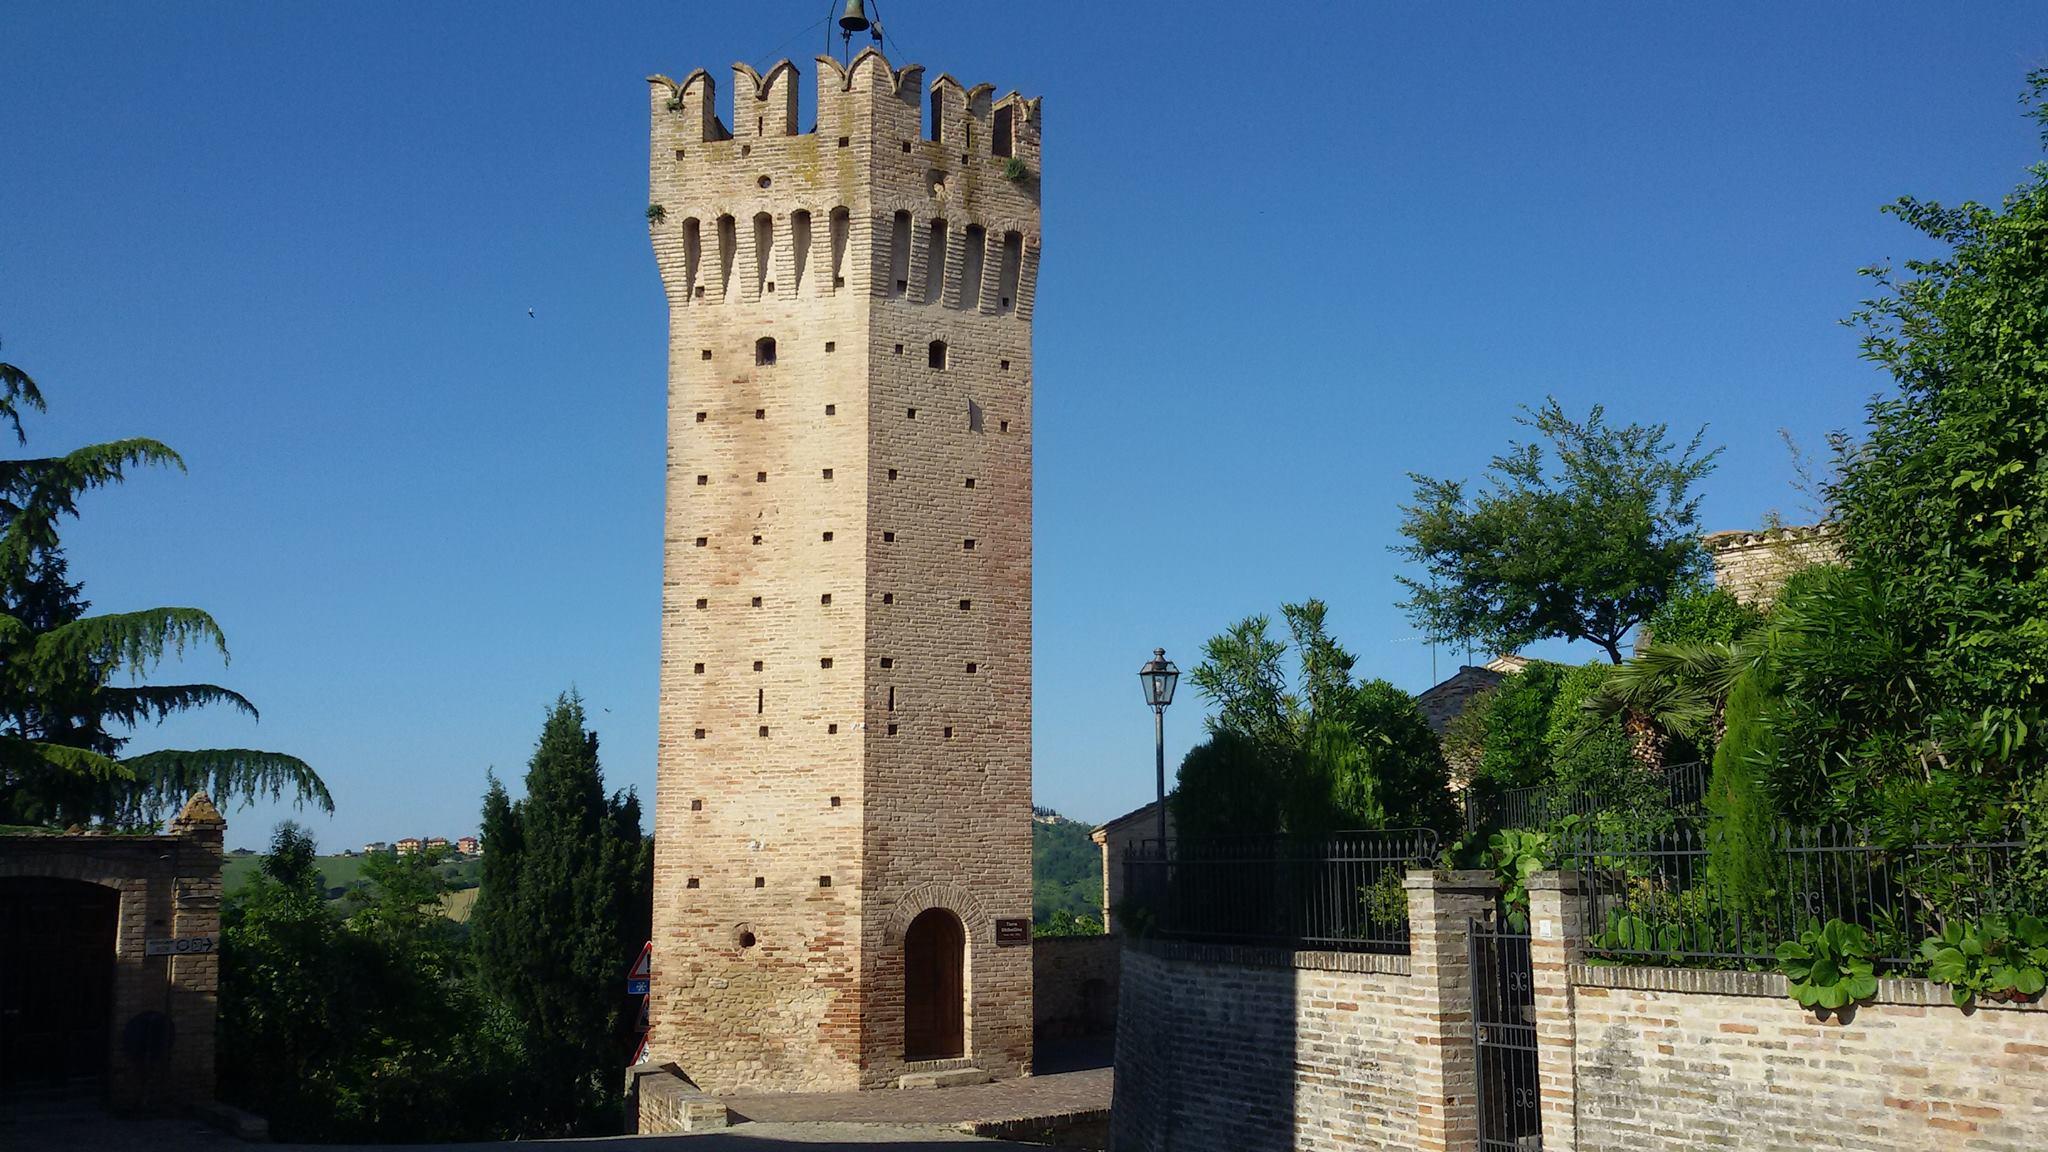 Ortezzano